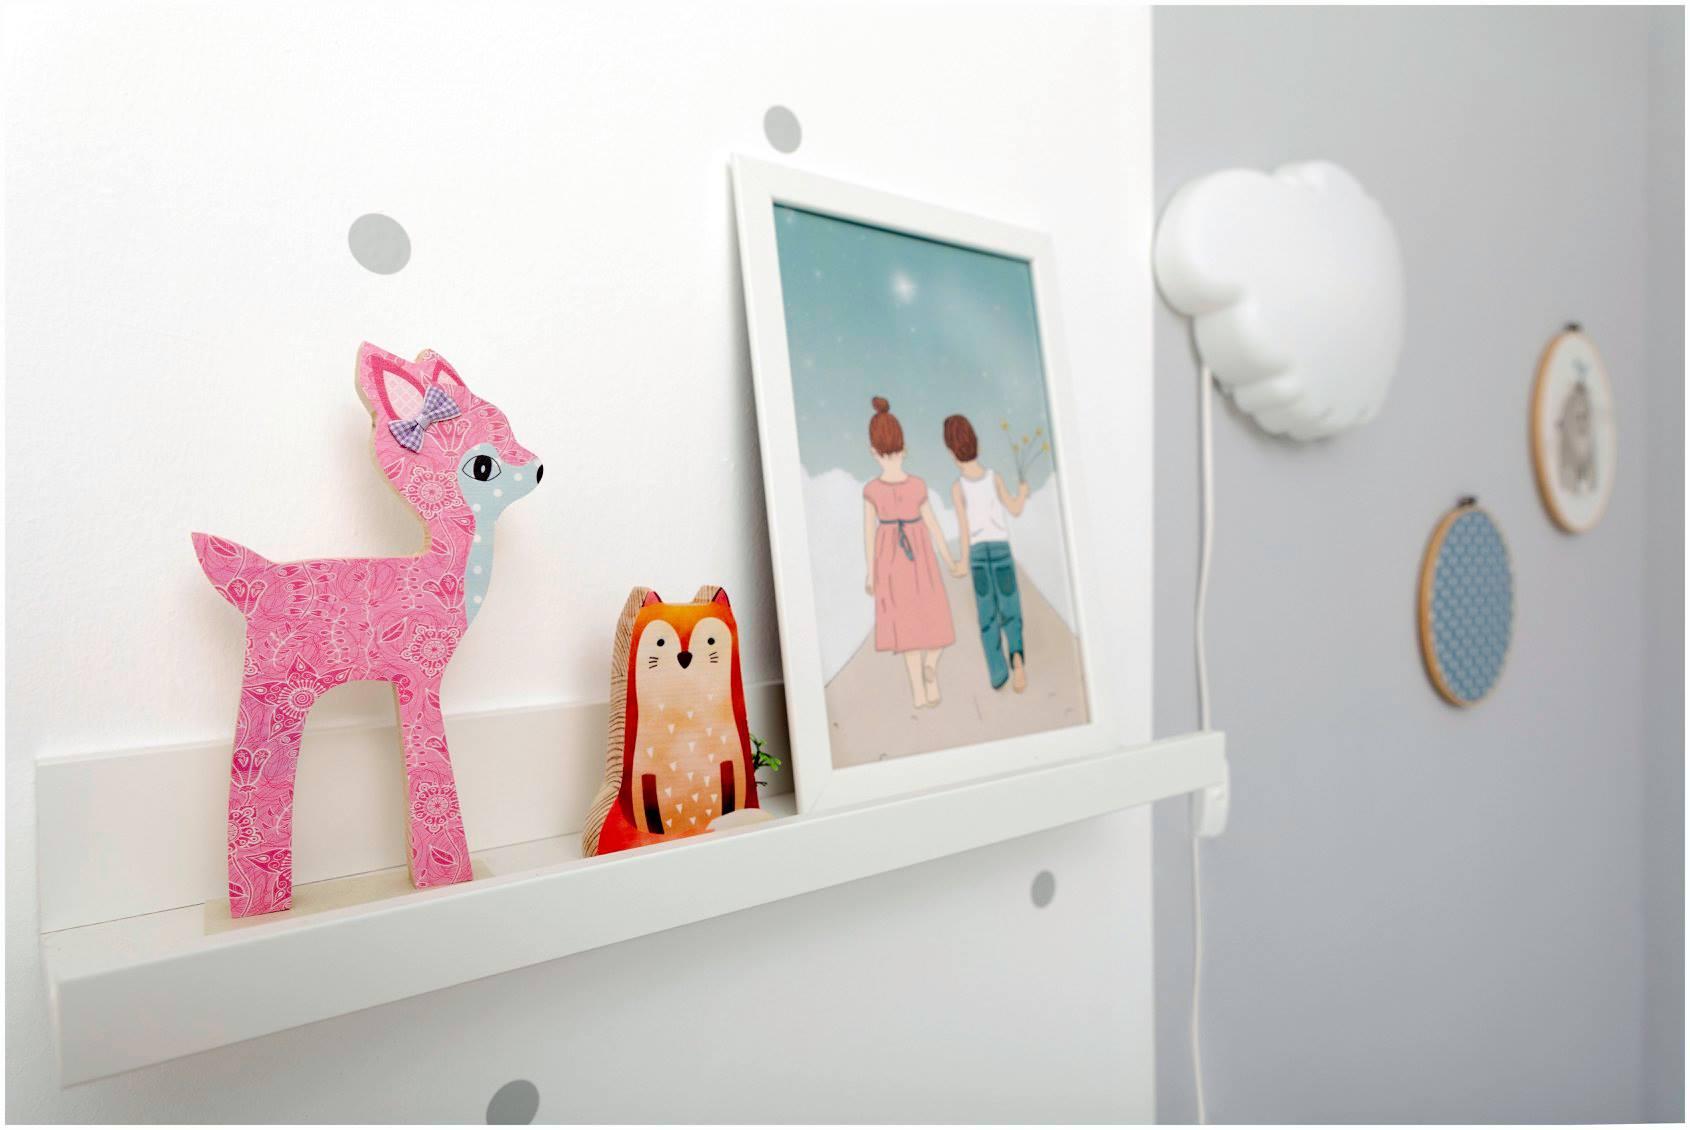 עיצוב חדר ילדים עפרי ורואי 09